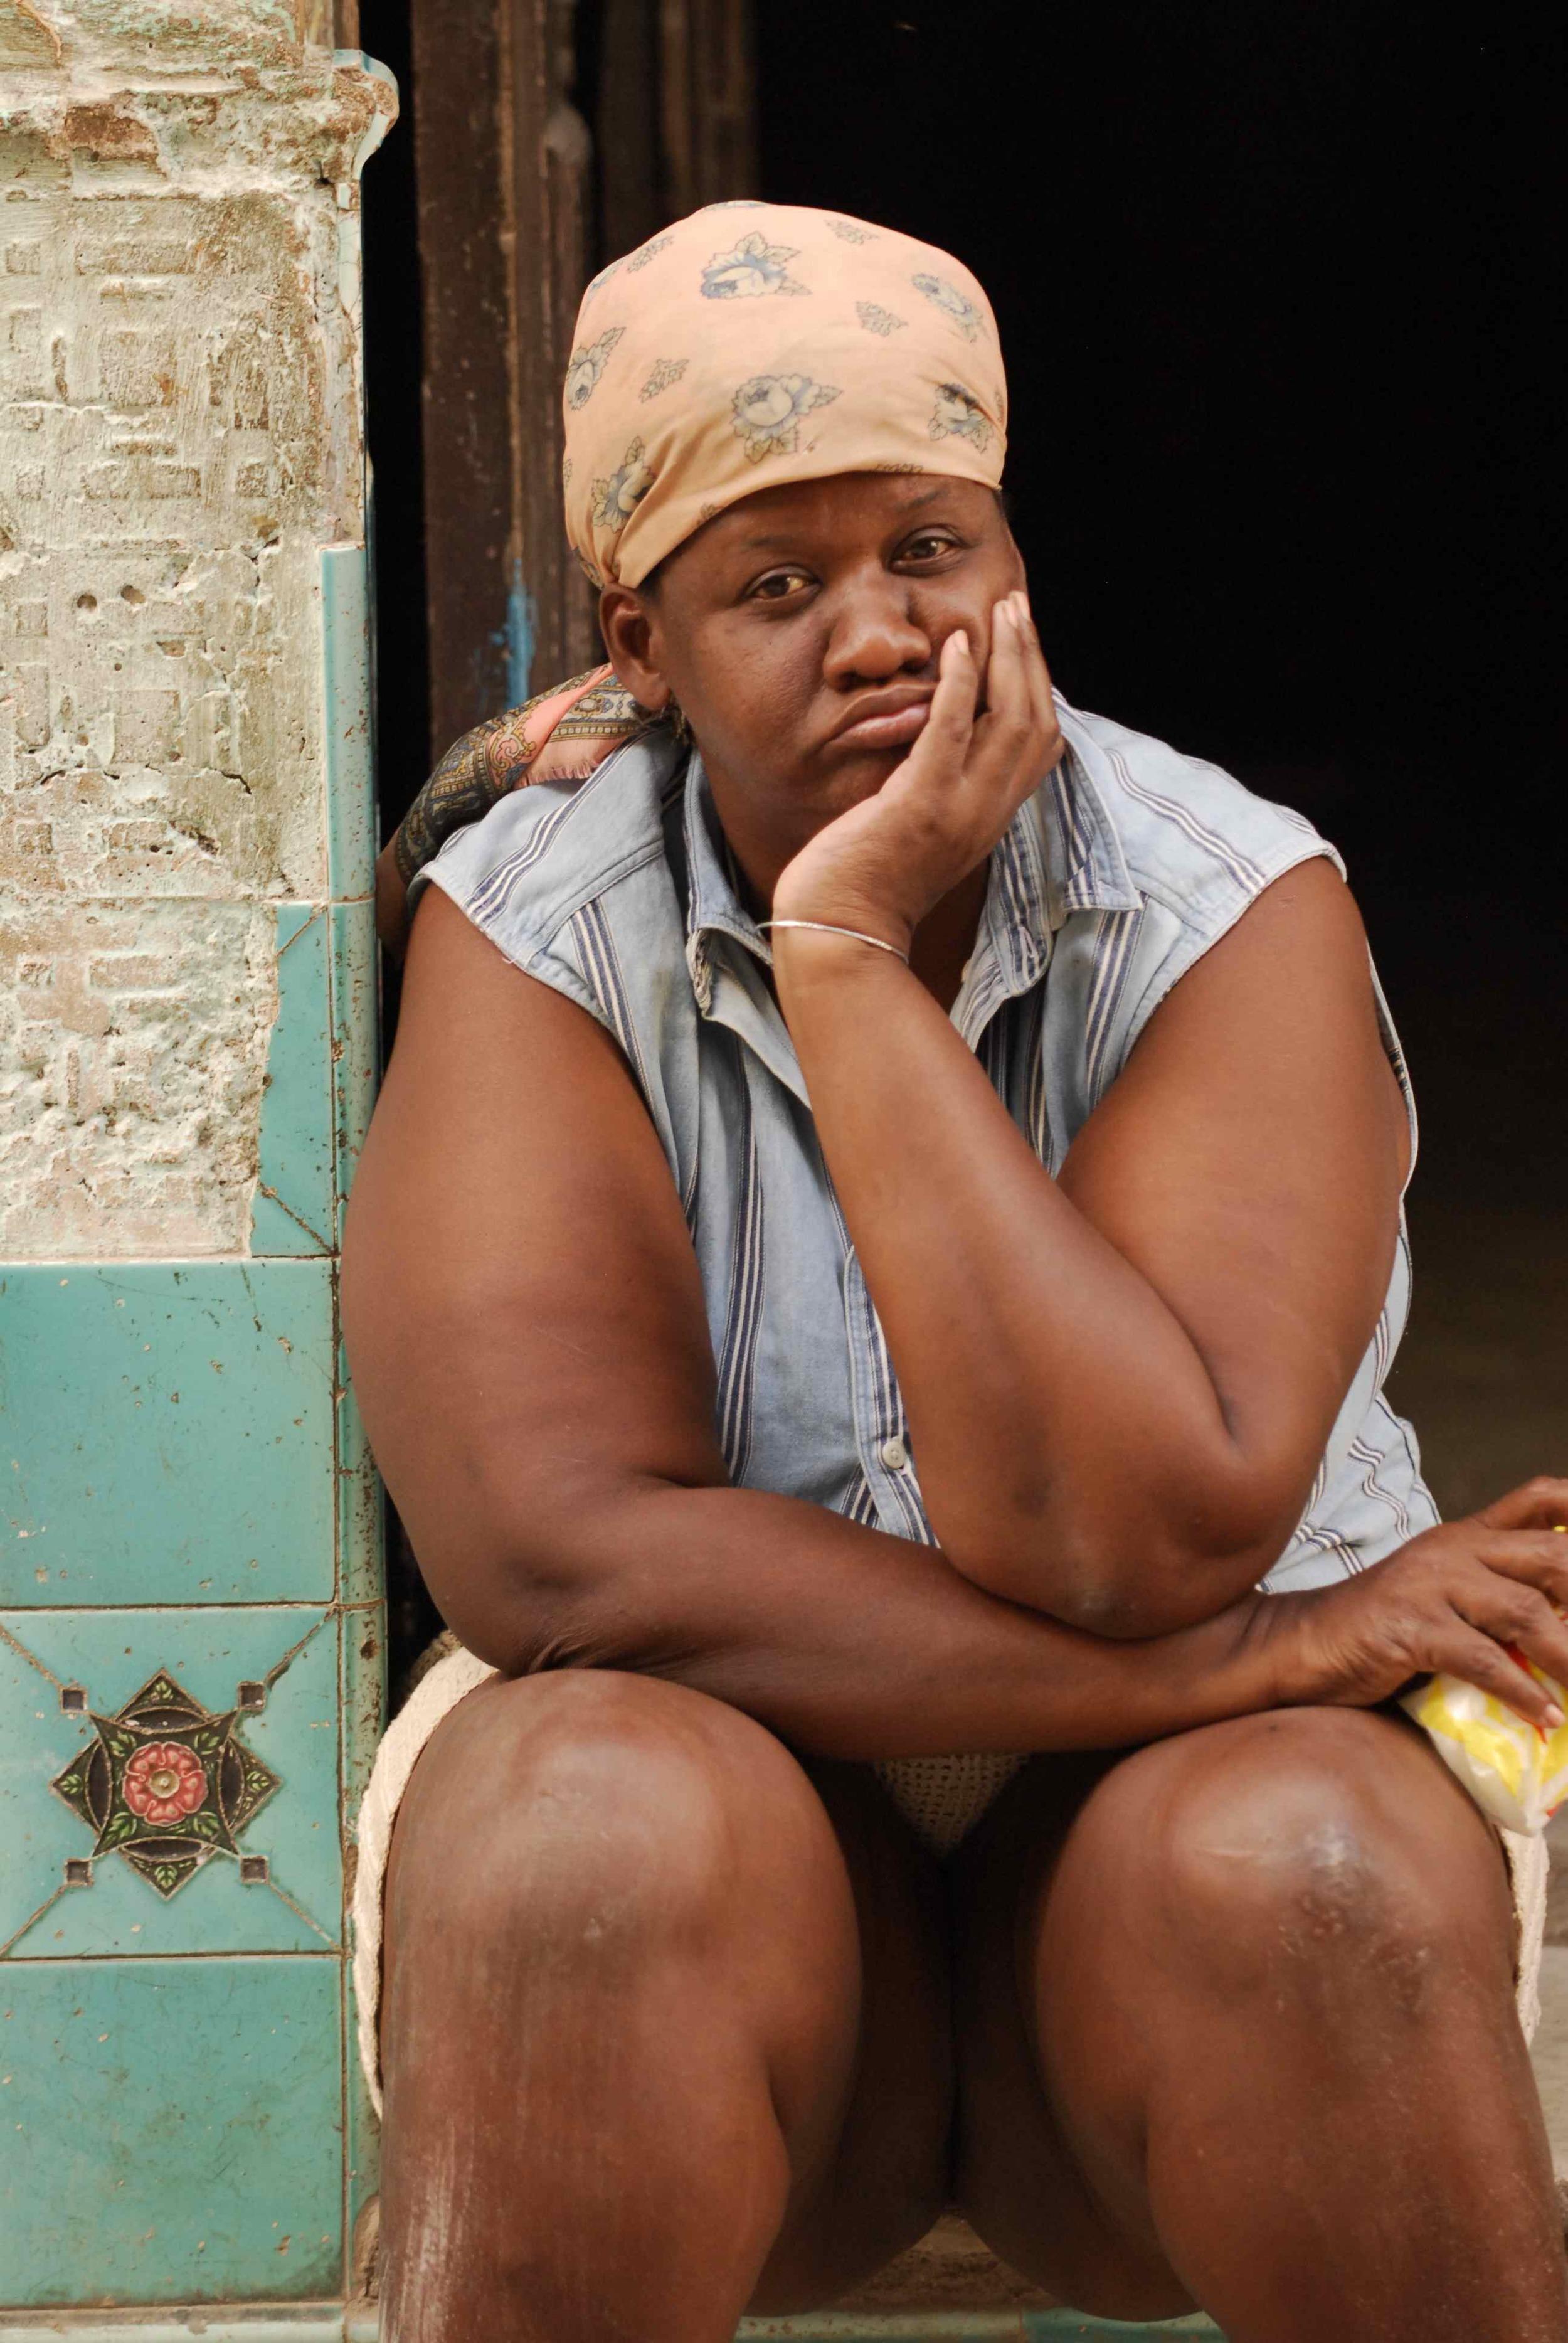 Sad Woman In Doorway